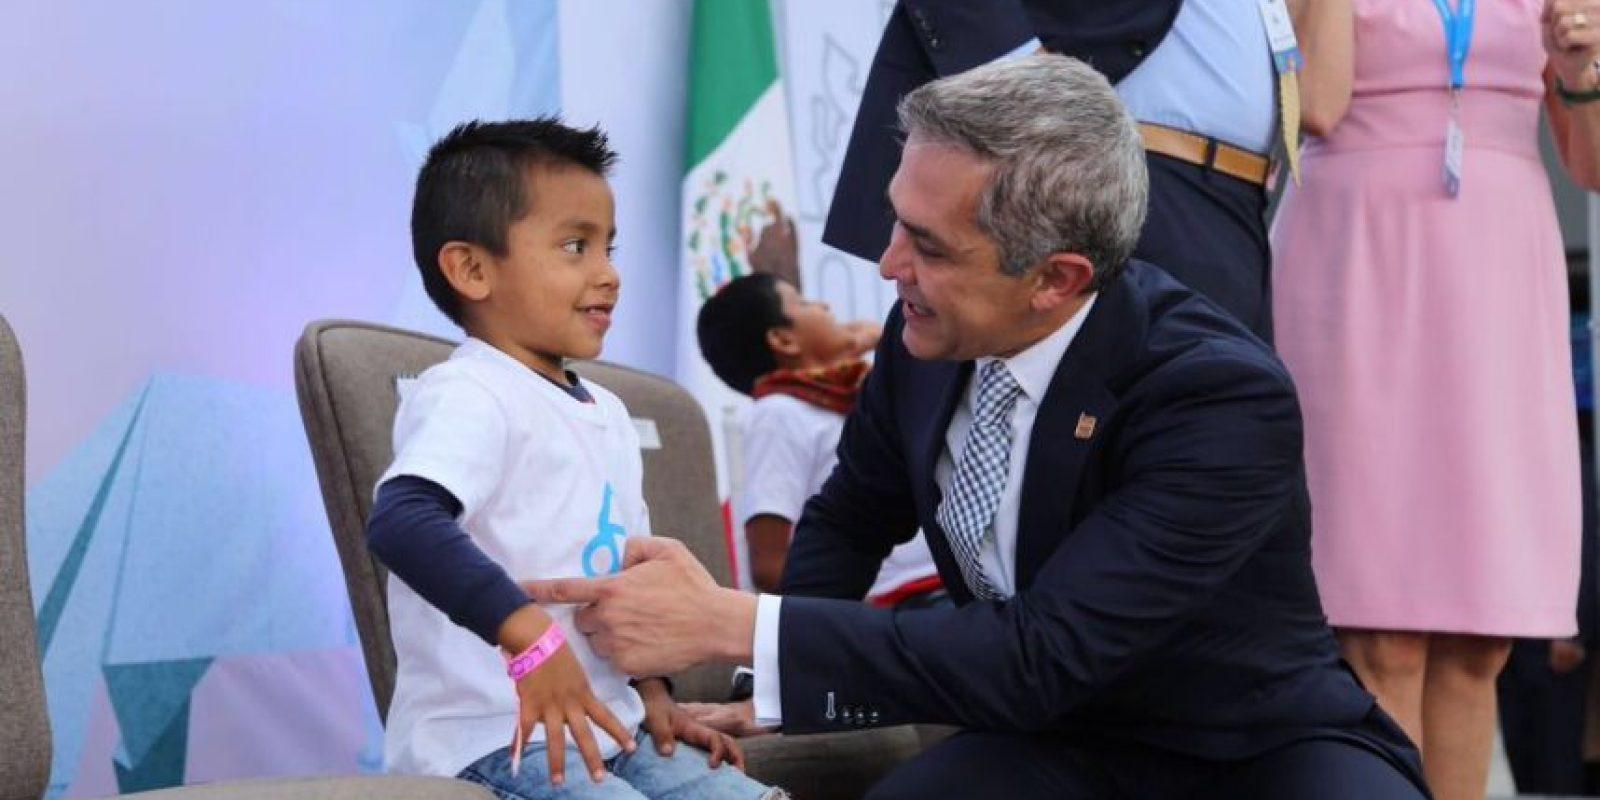 El Jefe de Gobierno de la Ciudad de México, Miguel Ángel Mancera, encabezó la reapertura del Museo del Papalote Foto:@ManceraMiguelMX